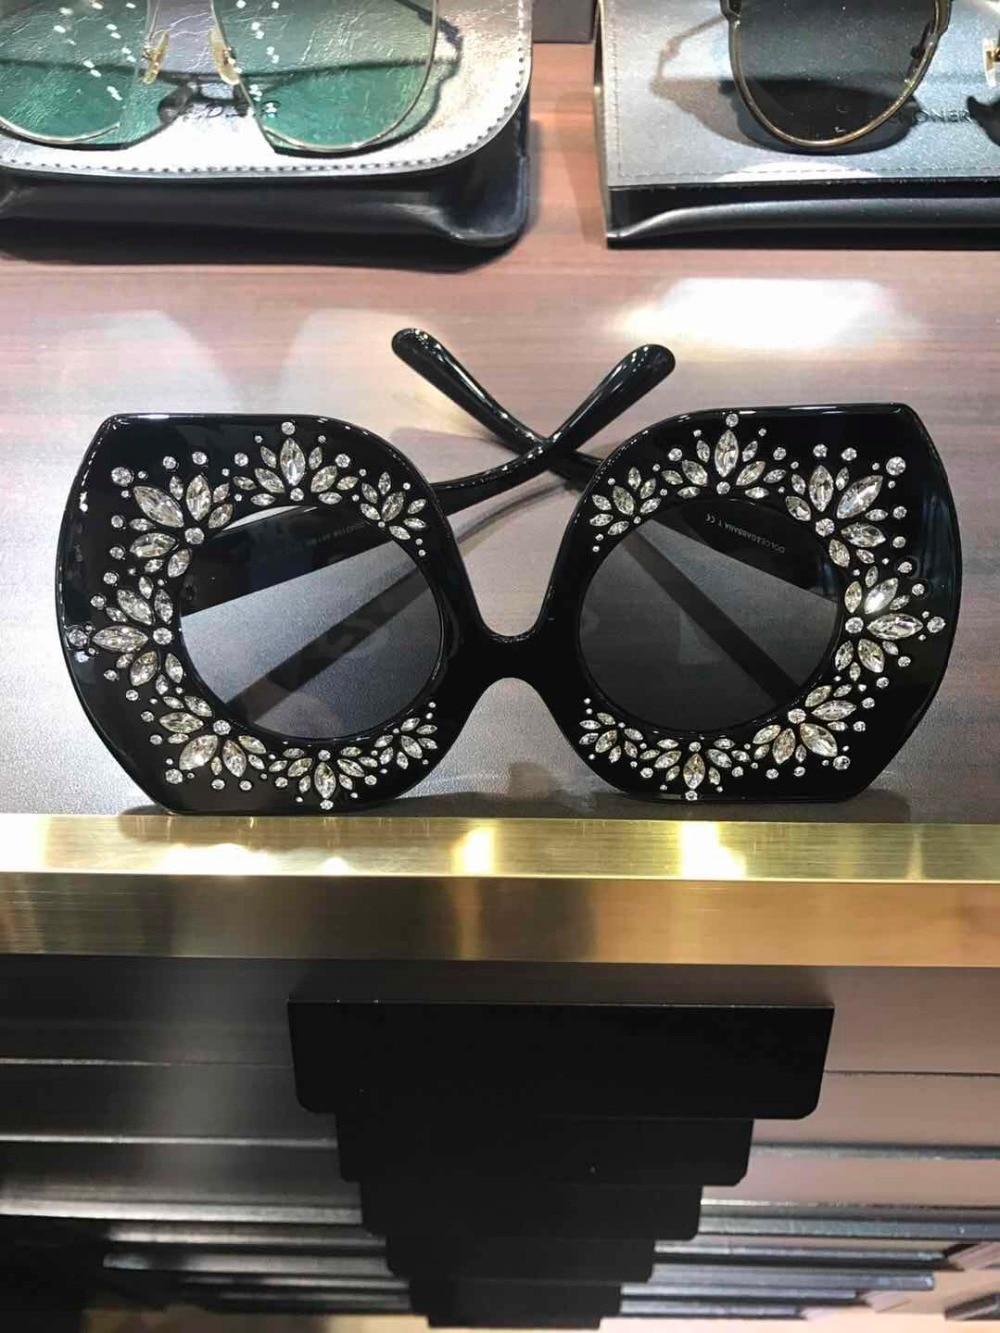 WD0638 2018 luxury Runway sunglasses women brand designer sun glasses for women Carter glasses